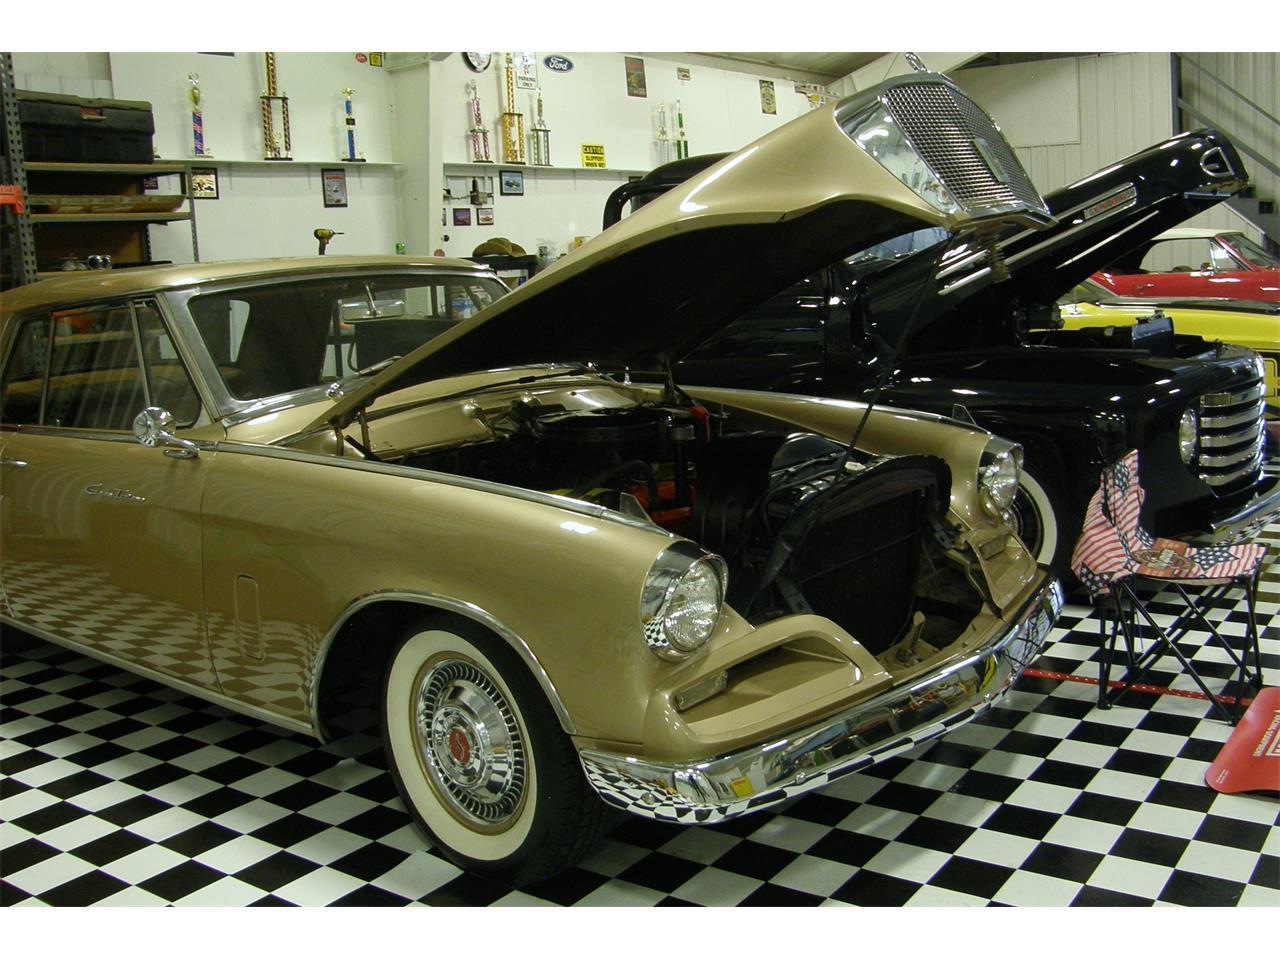 Large Picture of 1962 Studebaker Gran Turismo located in Port Huron Michigan - $26,000.00 - MESV